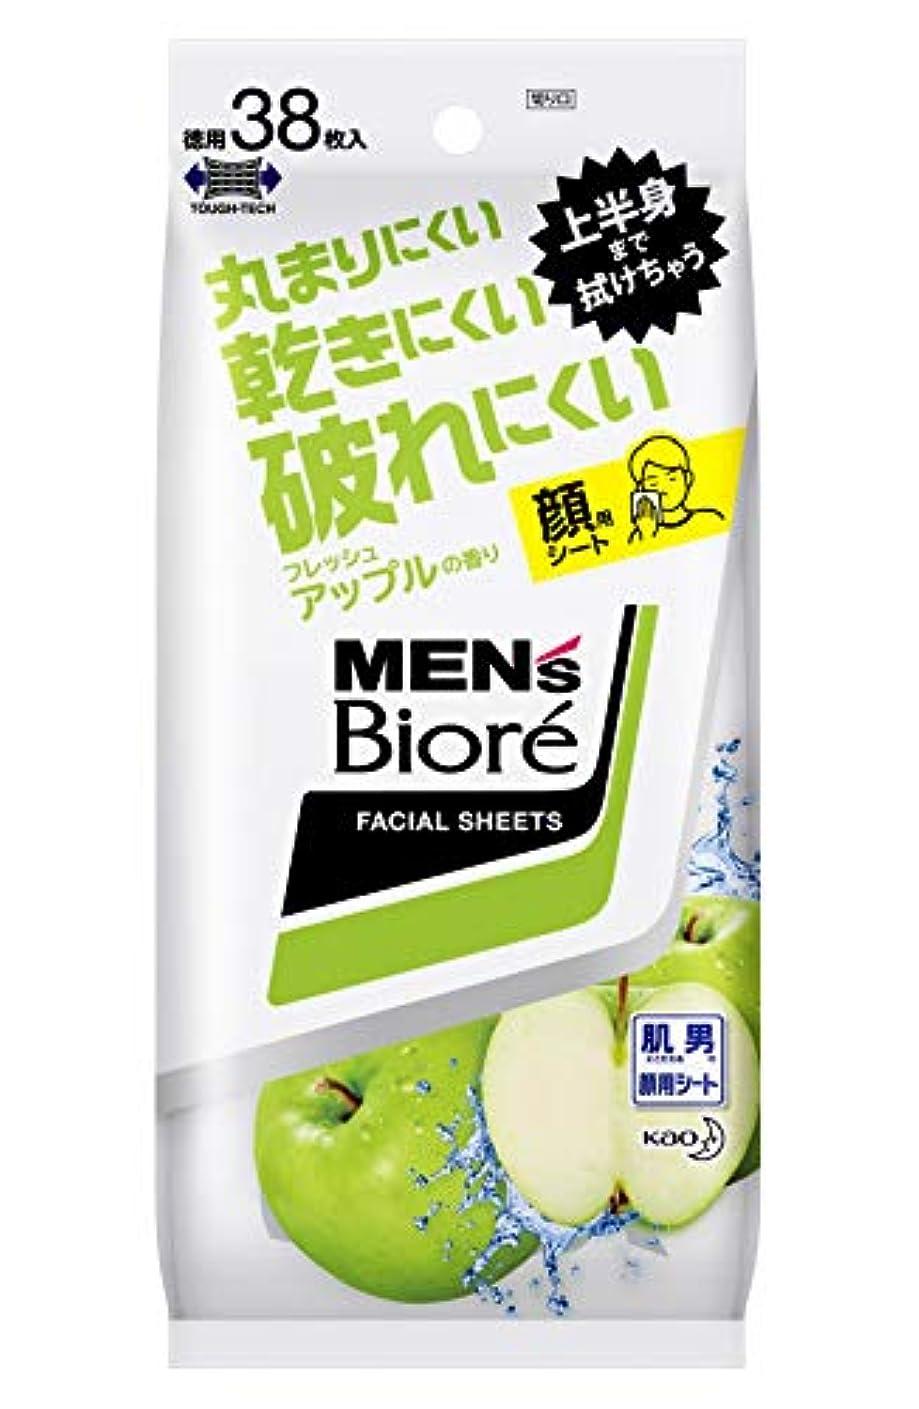 仕様成功敵対的メンズビオレ 洗顔シート フレッシュアップルの香り <卓上タイプ> 38枚入